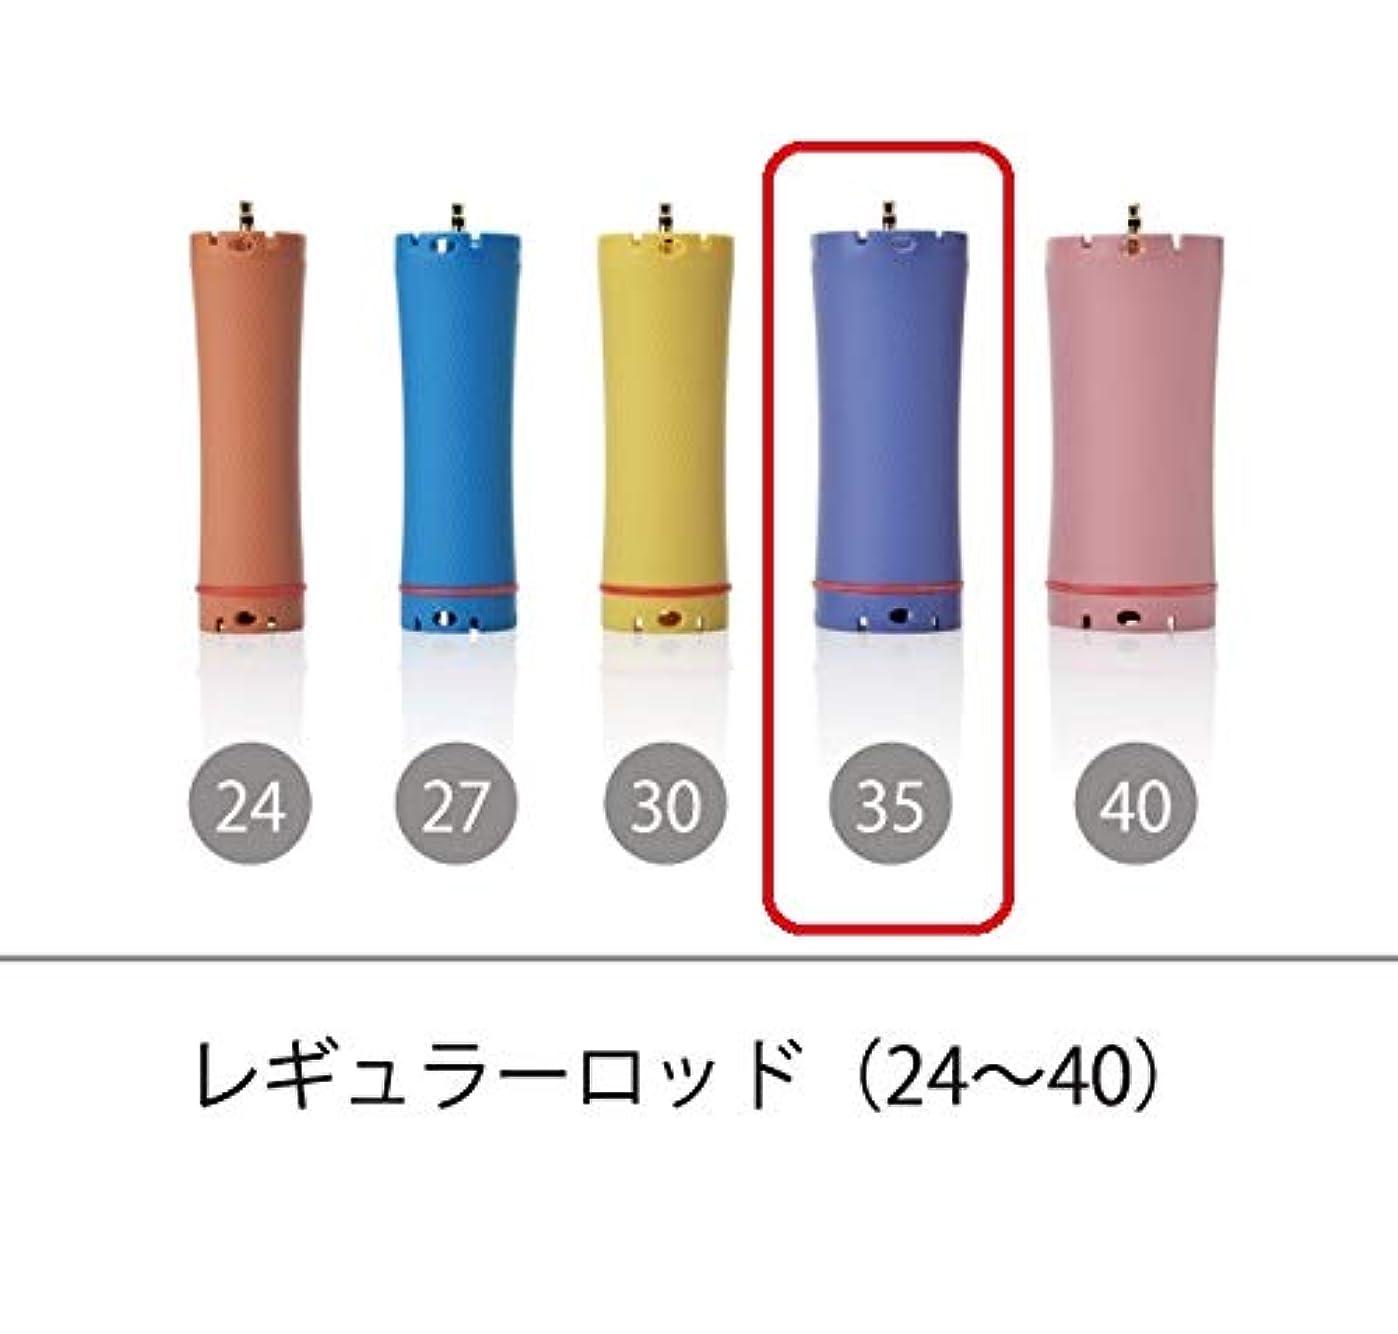 ソキウス 専用ロッド レギュラーロッド 35mm